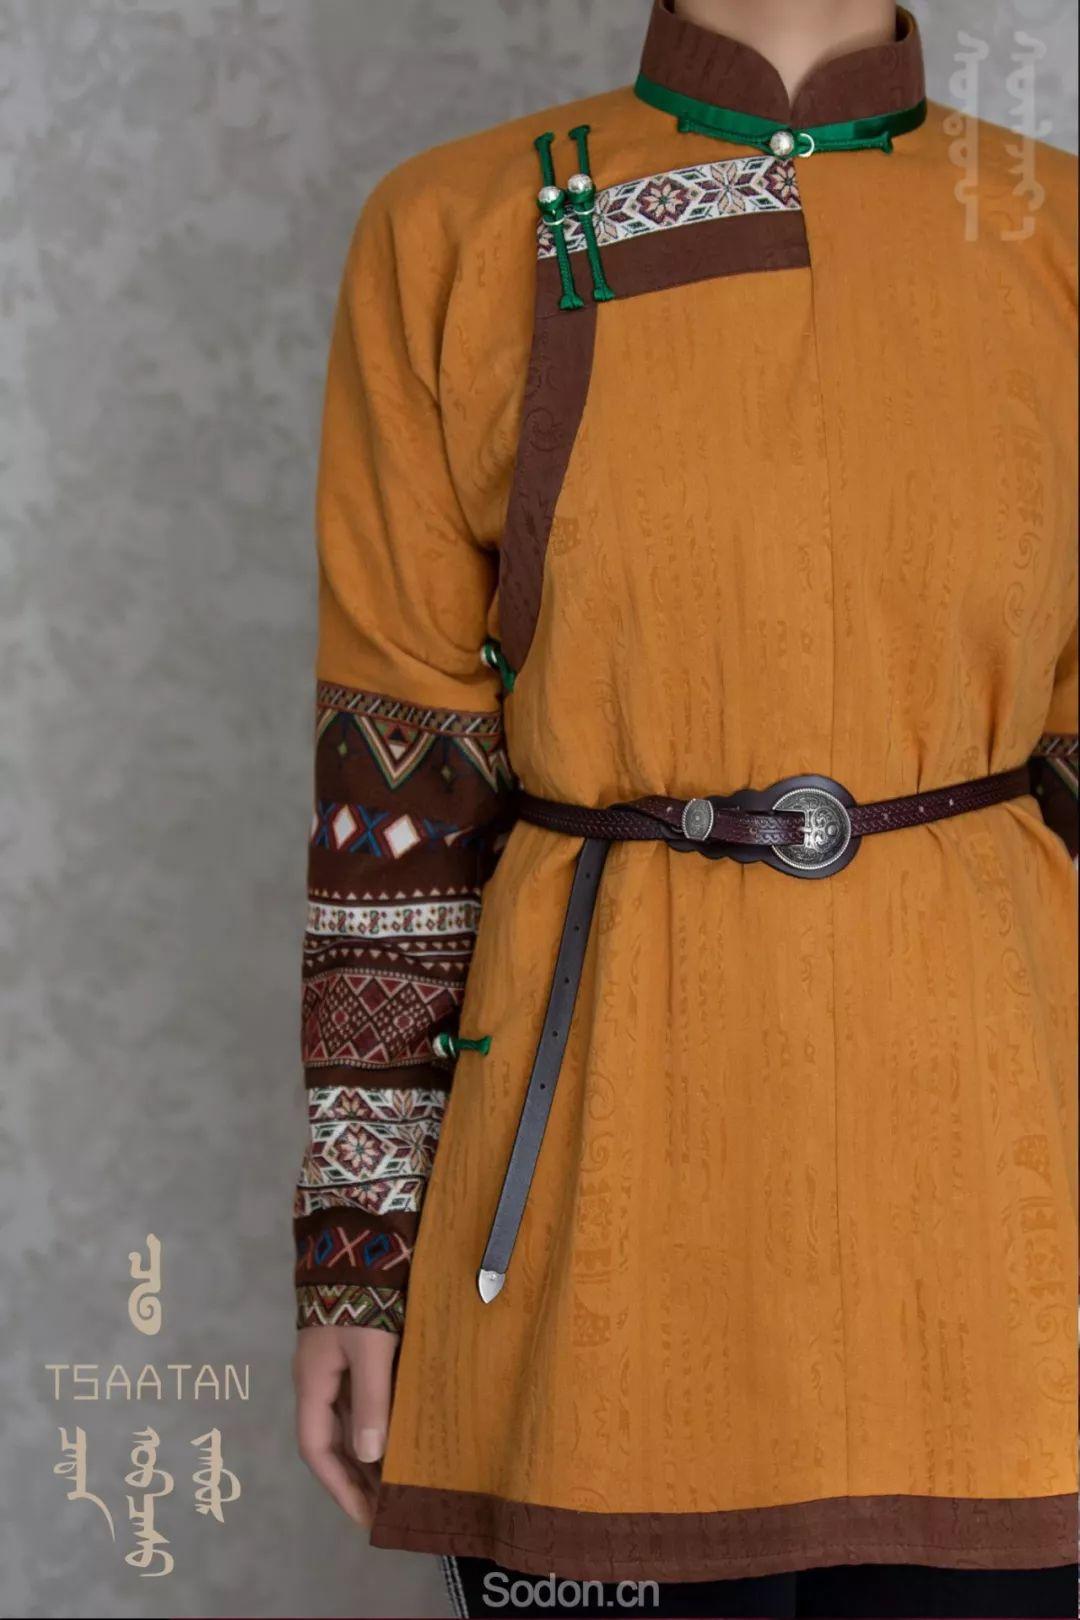 TSAATAN蒙古时装 2019新款,来自驯鹿人的独特魅力! 第62张 TSAATAN蒙古时装 2019新款,来自驯鹿人的独特魅力! 蒙古服饰